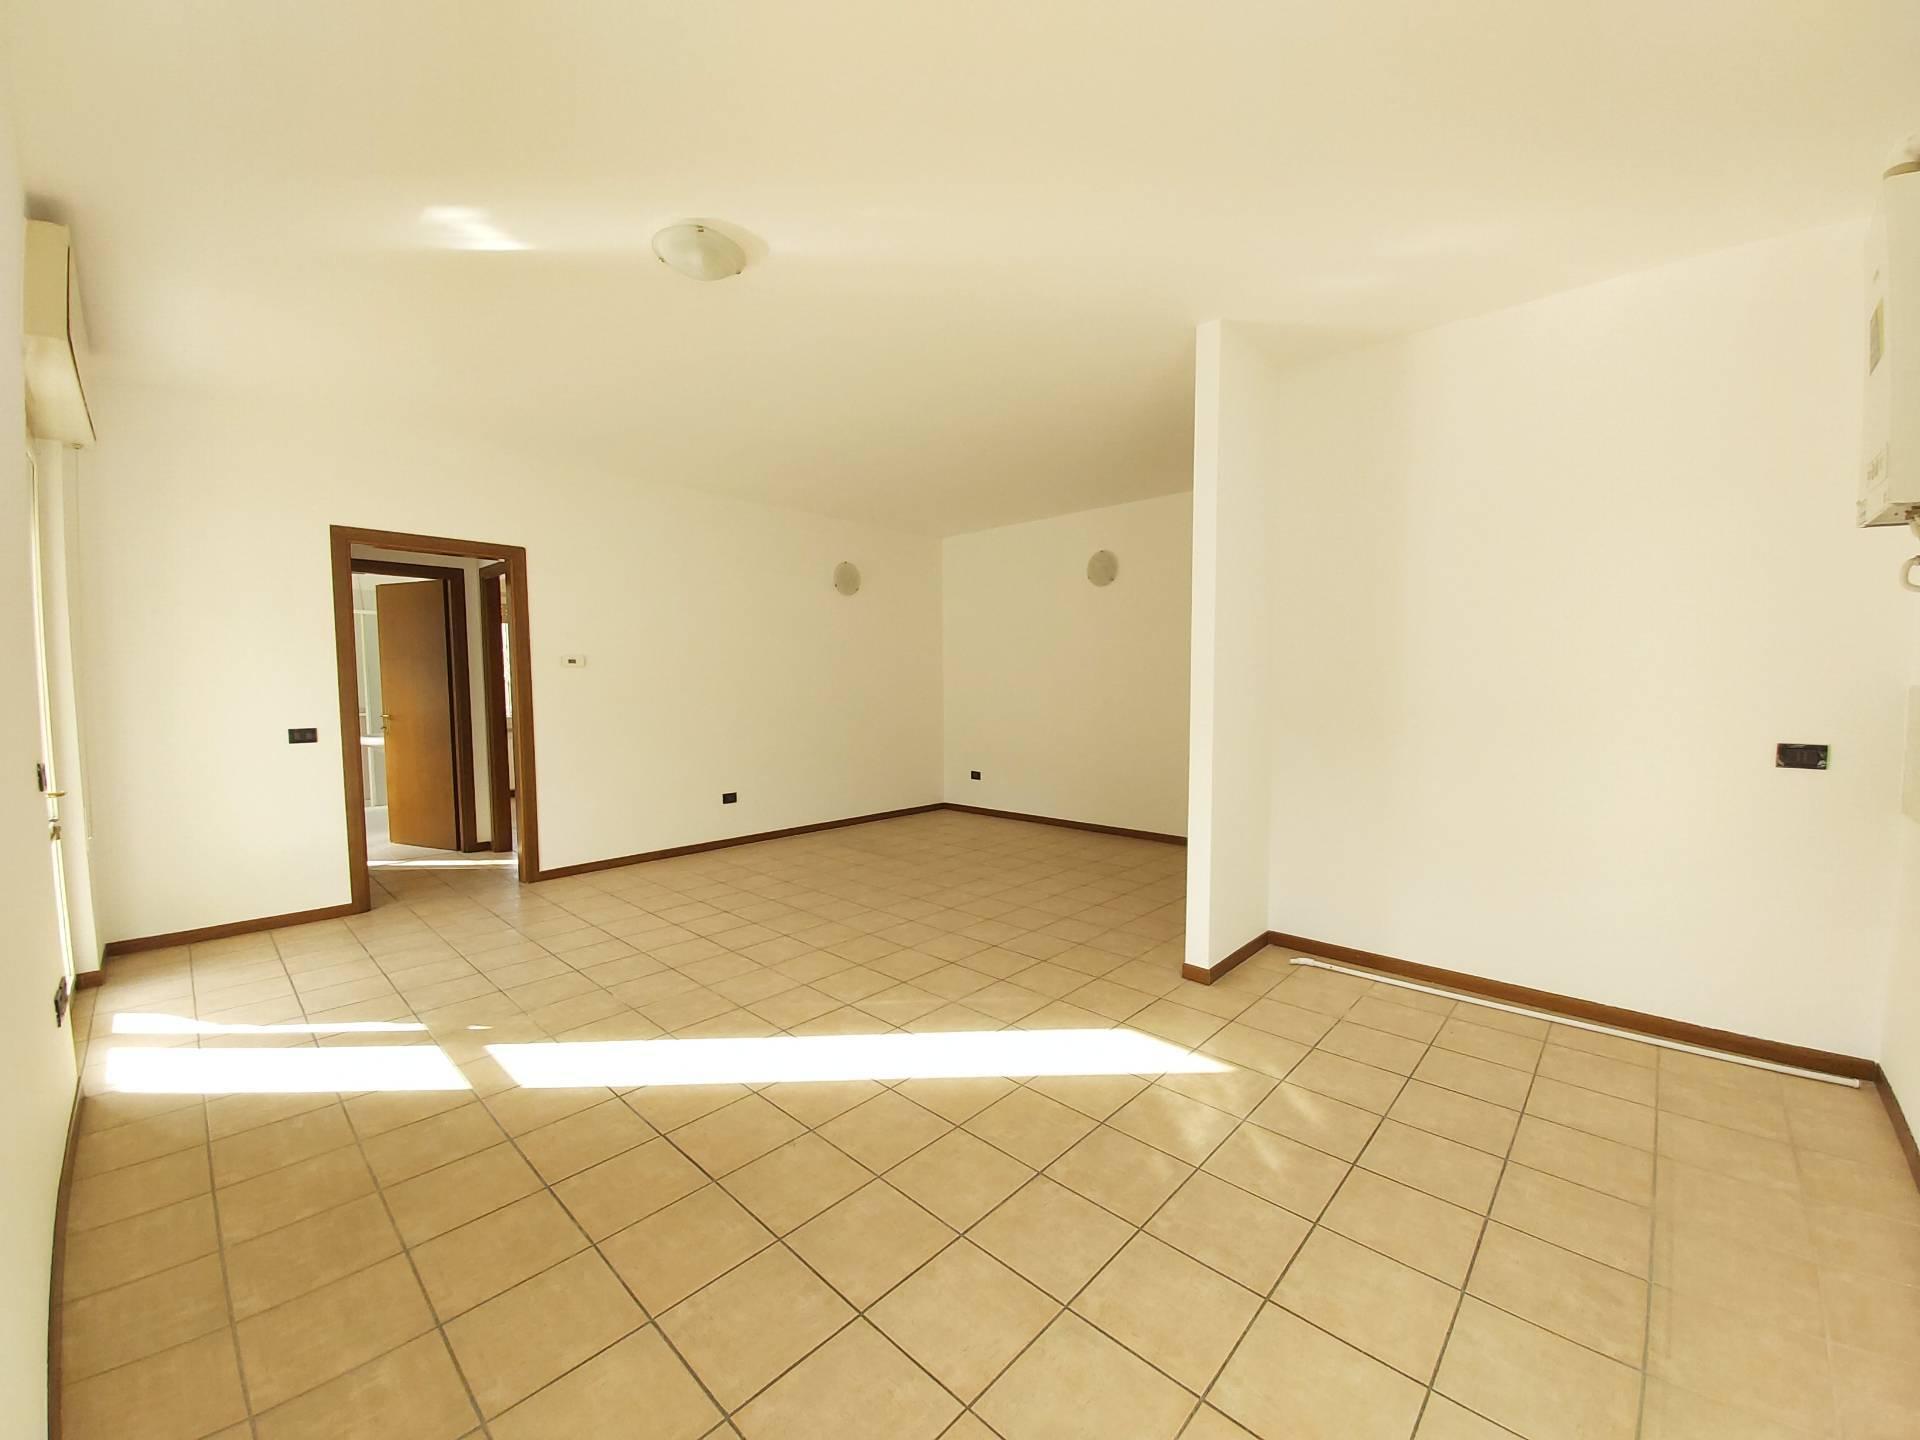 Appartamento in vendita a Sarezzo, 2 locali, prezzo € 92.000   CambioCasa.it